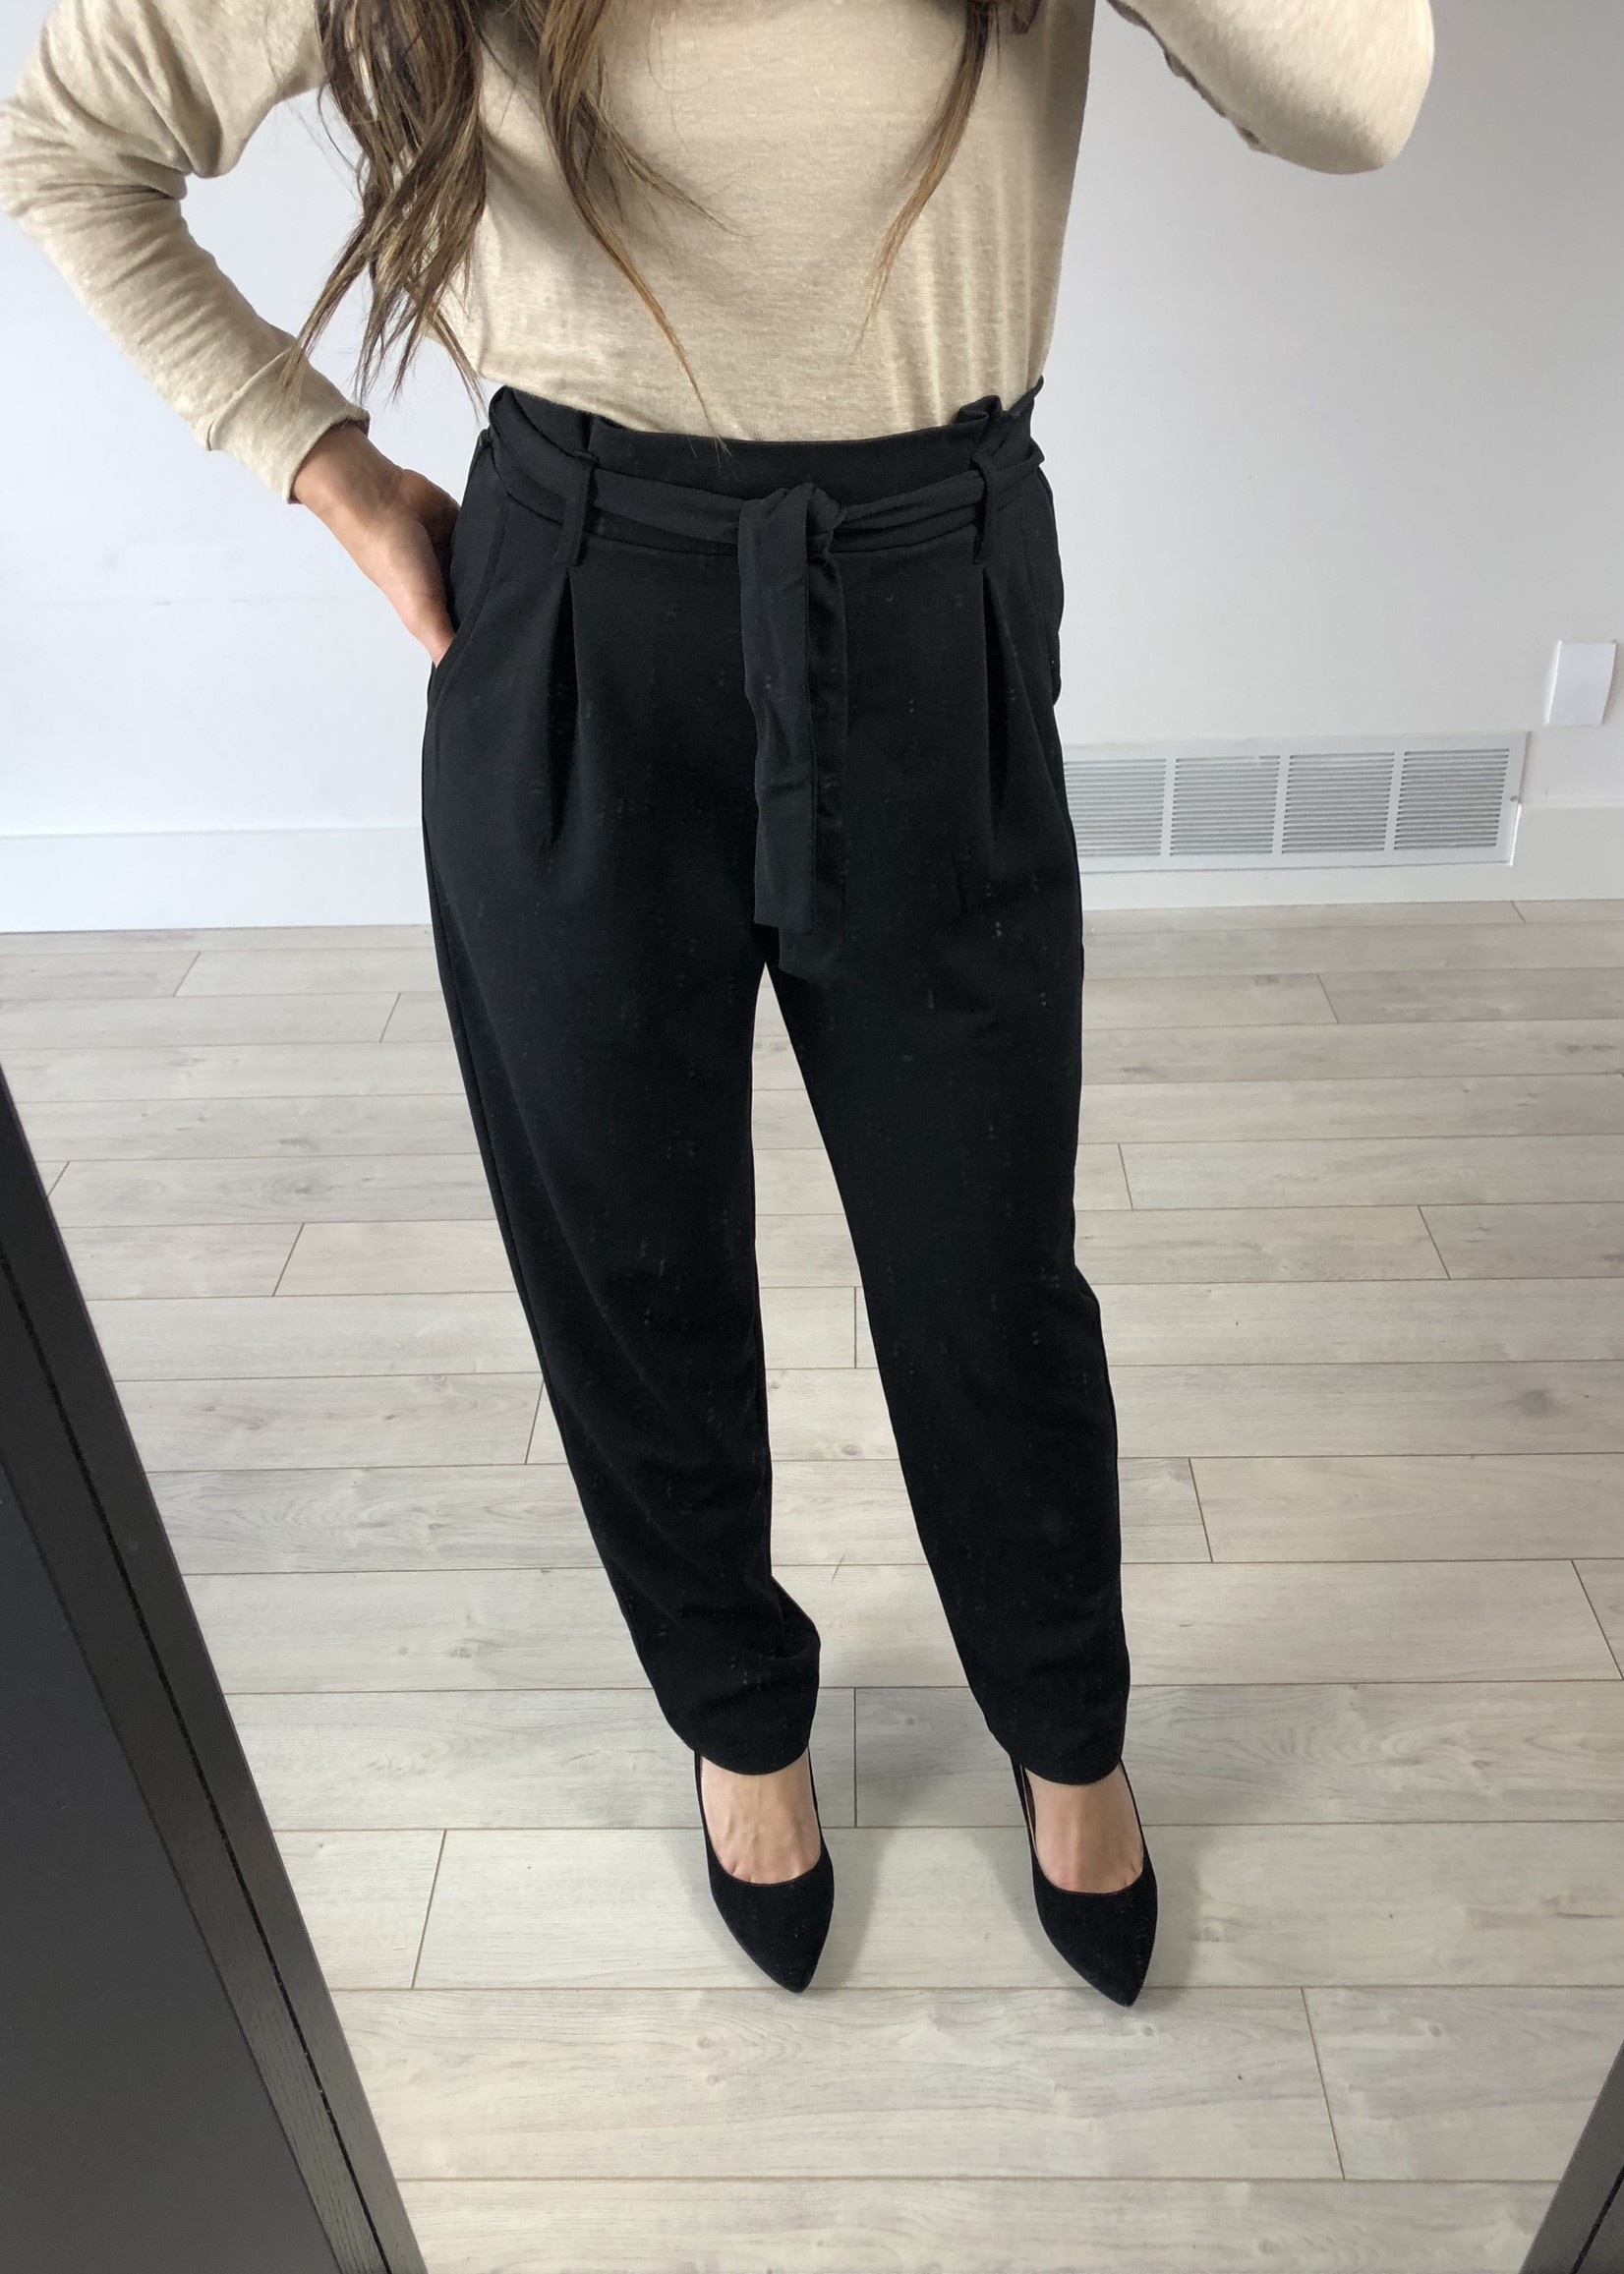 LeBLANC finds High waisted dress pants with waist tie